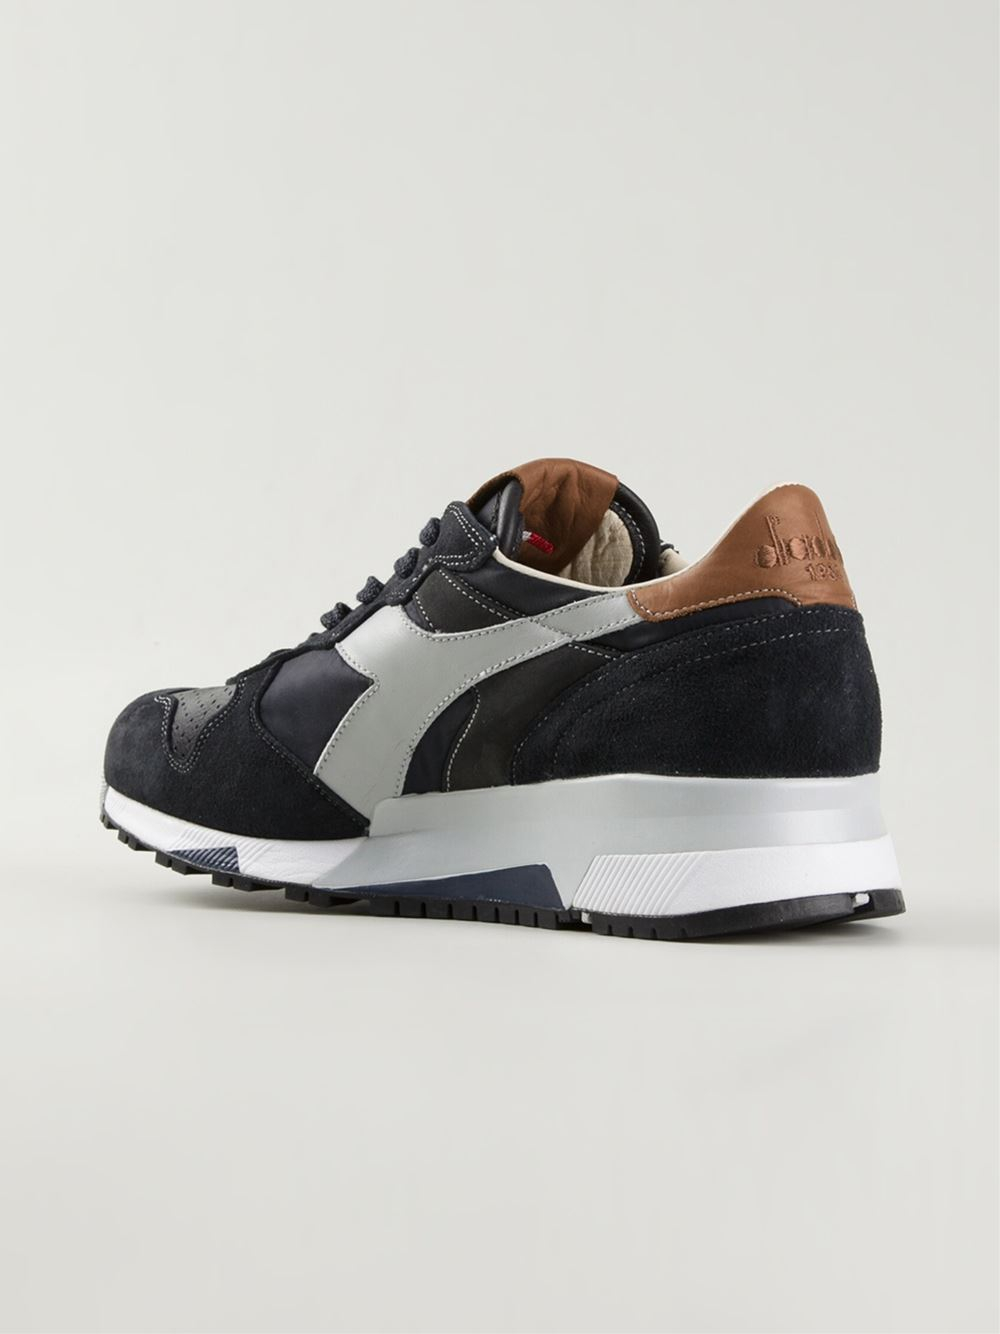 diadora sneakers - photo #28